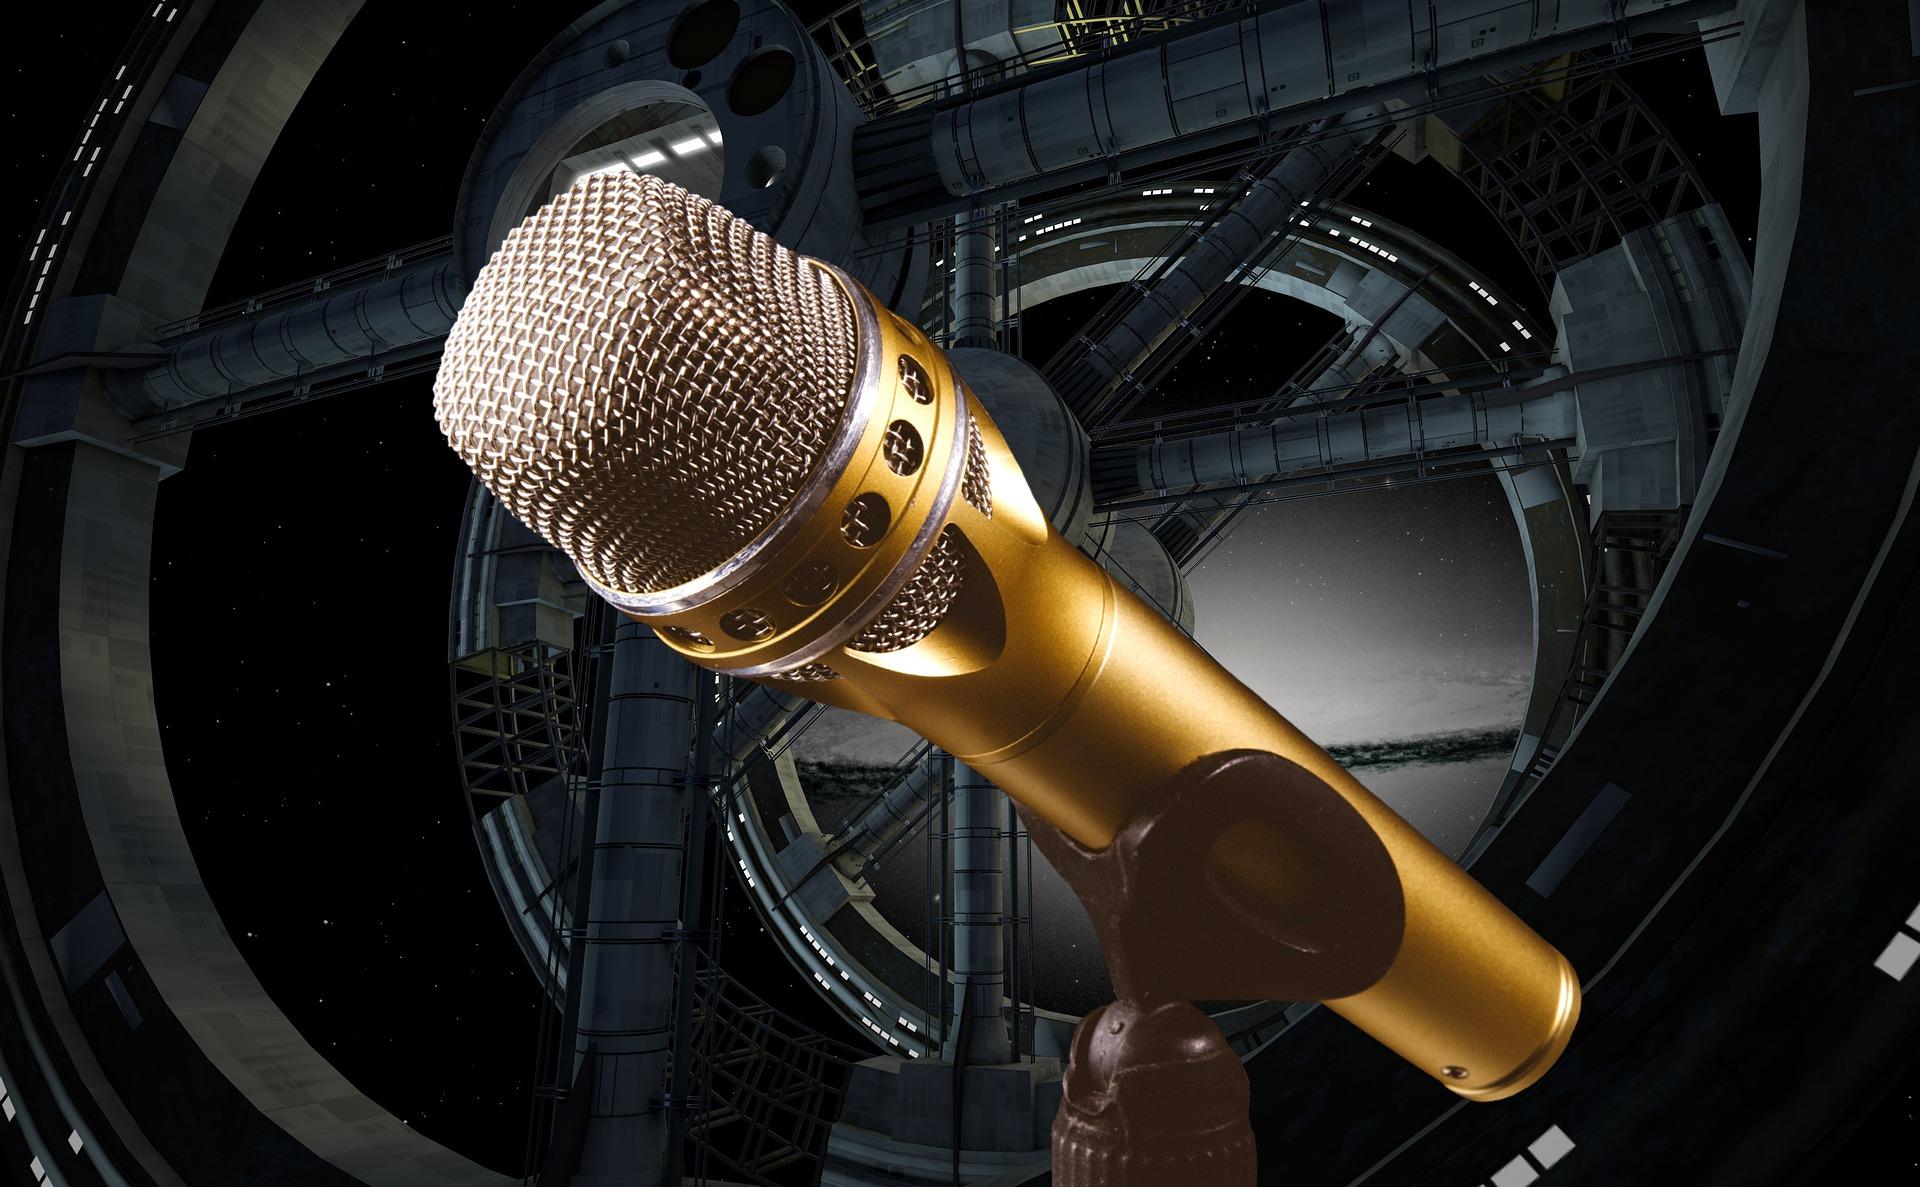 Рейтинг лучших студийных микрофонов на 2021 год